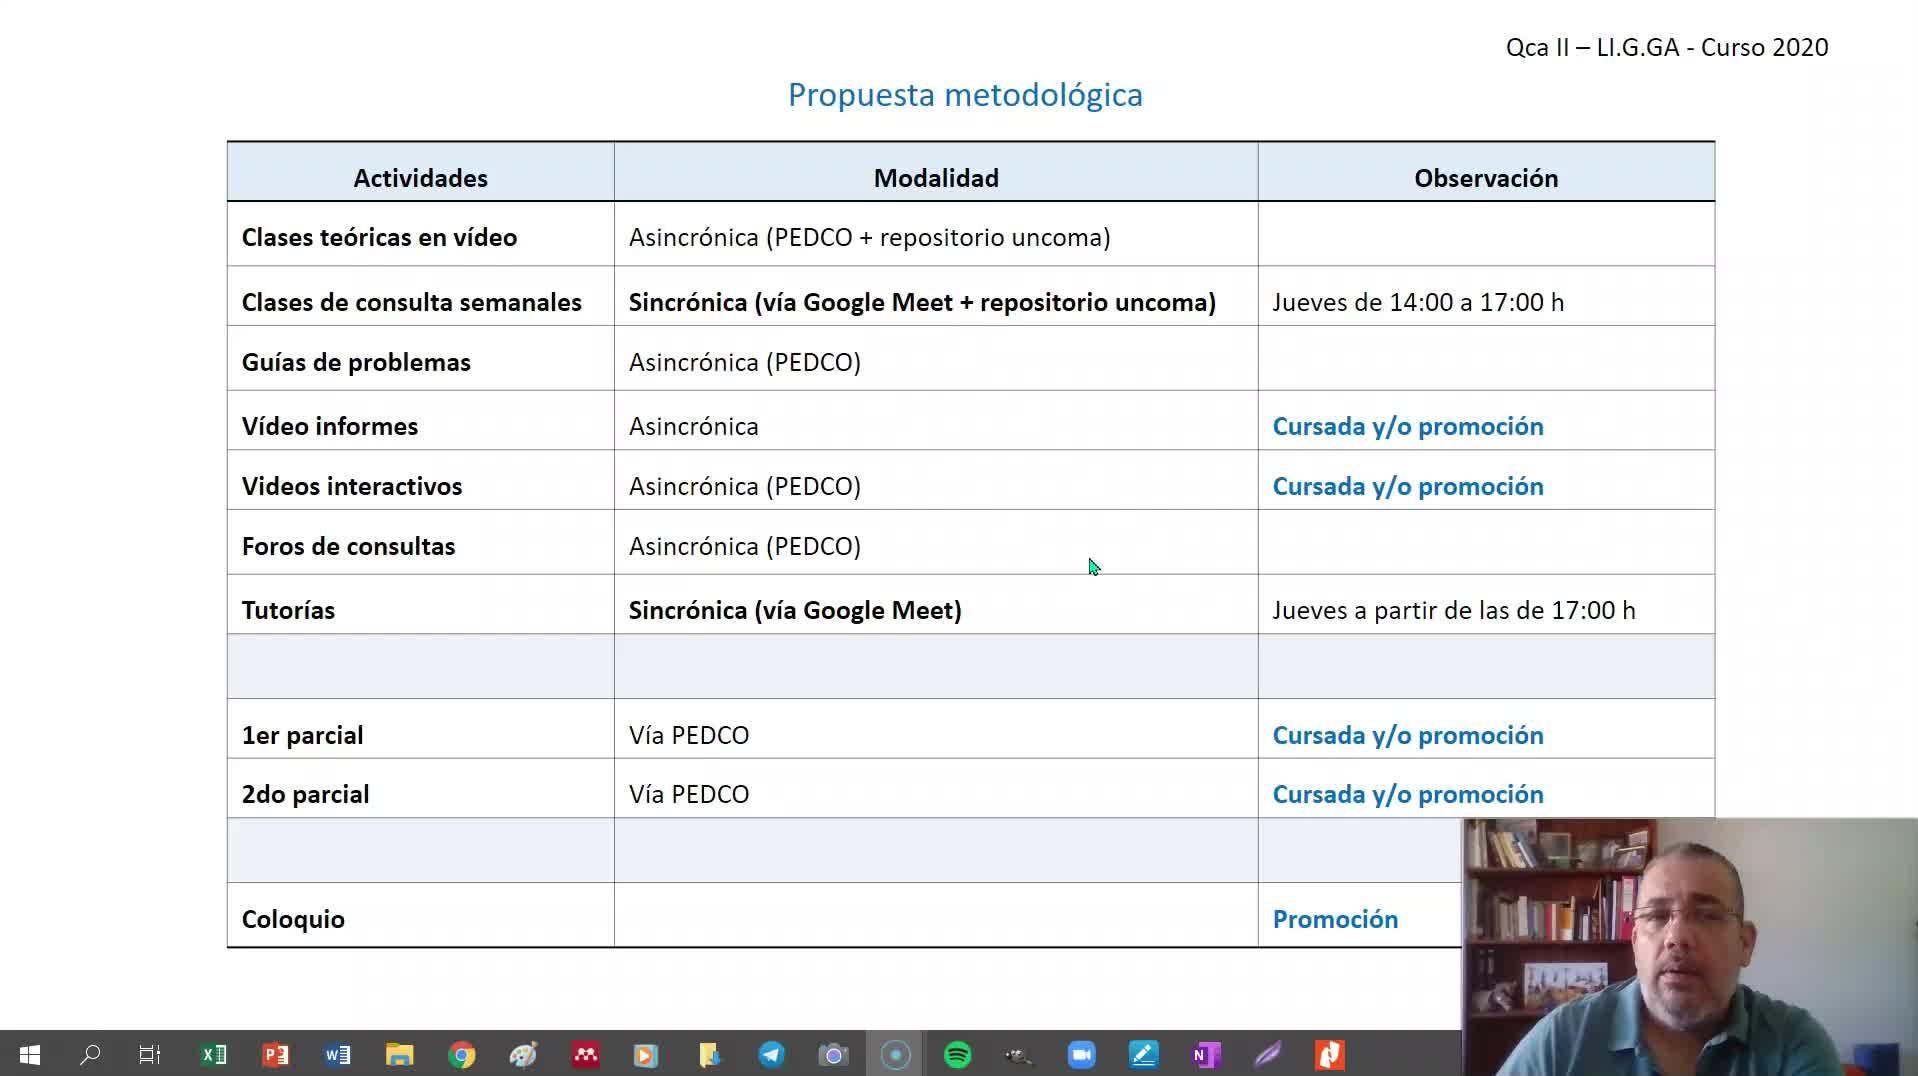 Qca2_LIGGA_1_Presentación